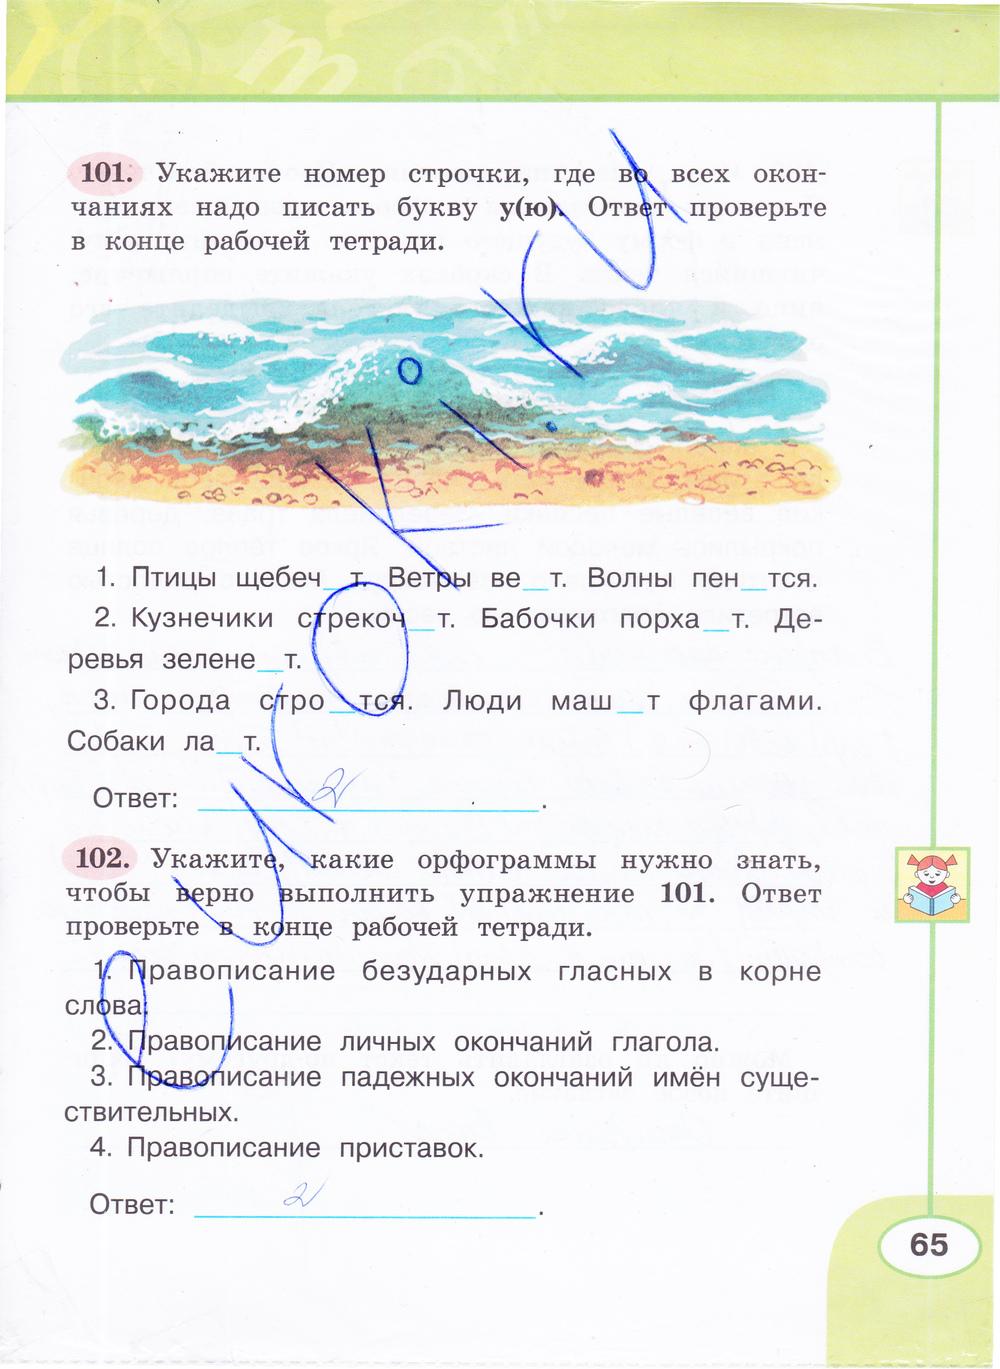 рабочая часть климанова 1 тетрадь 2 класс решебник бабушкина языку русскому по